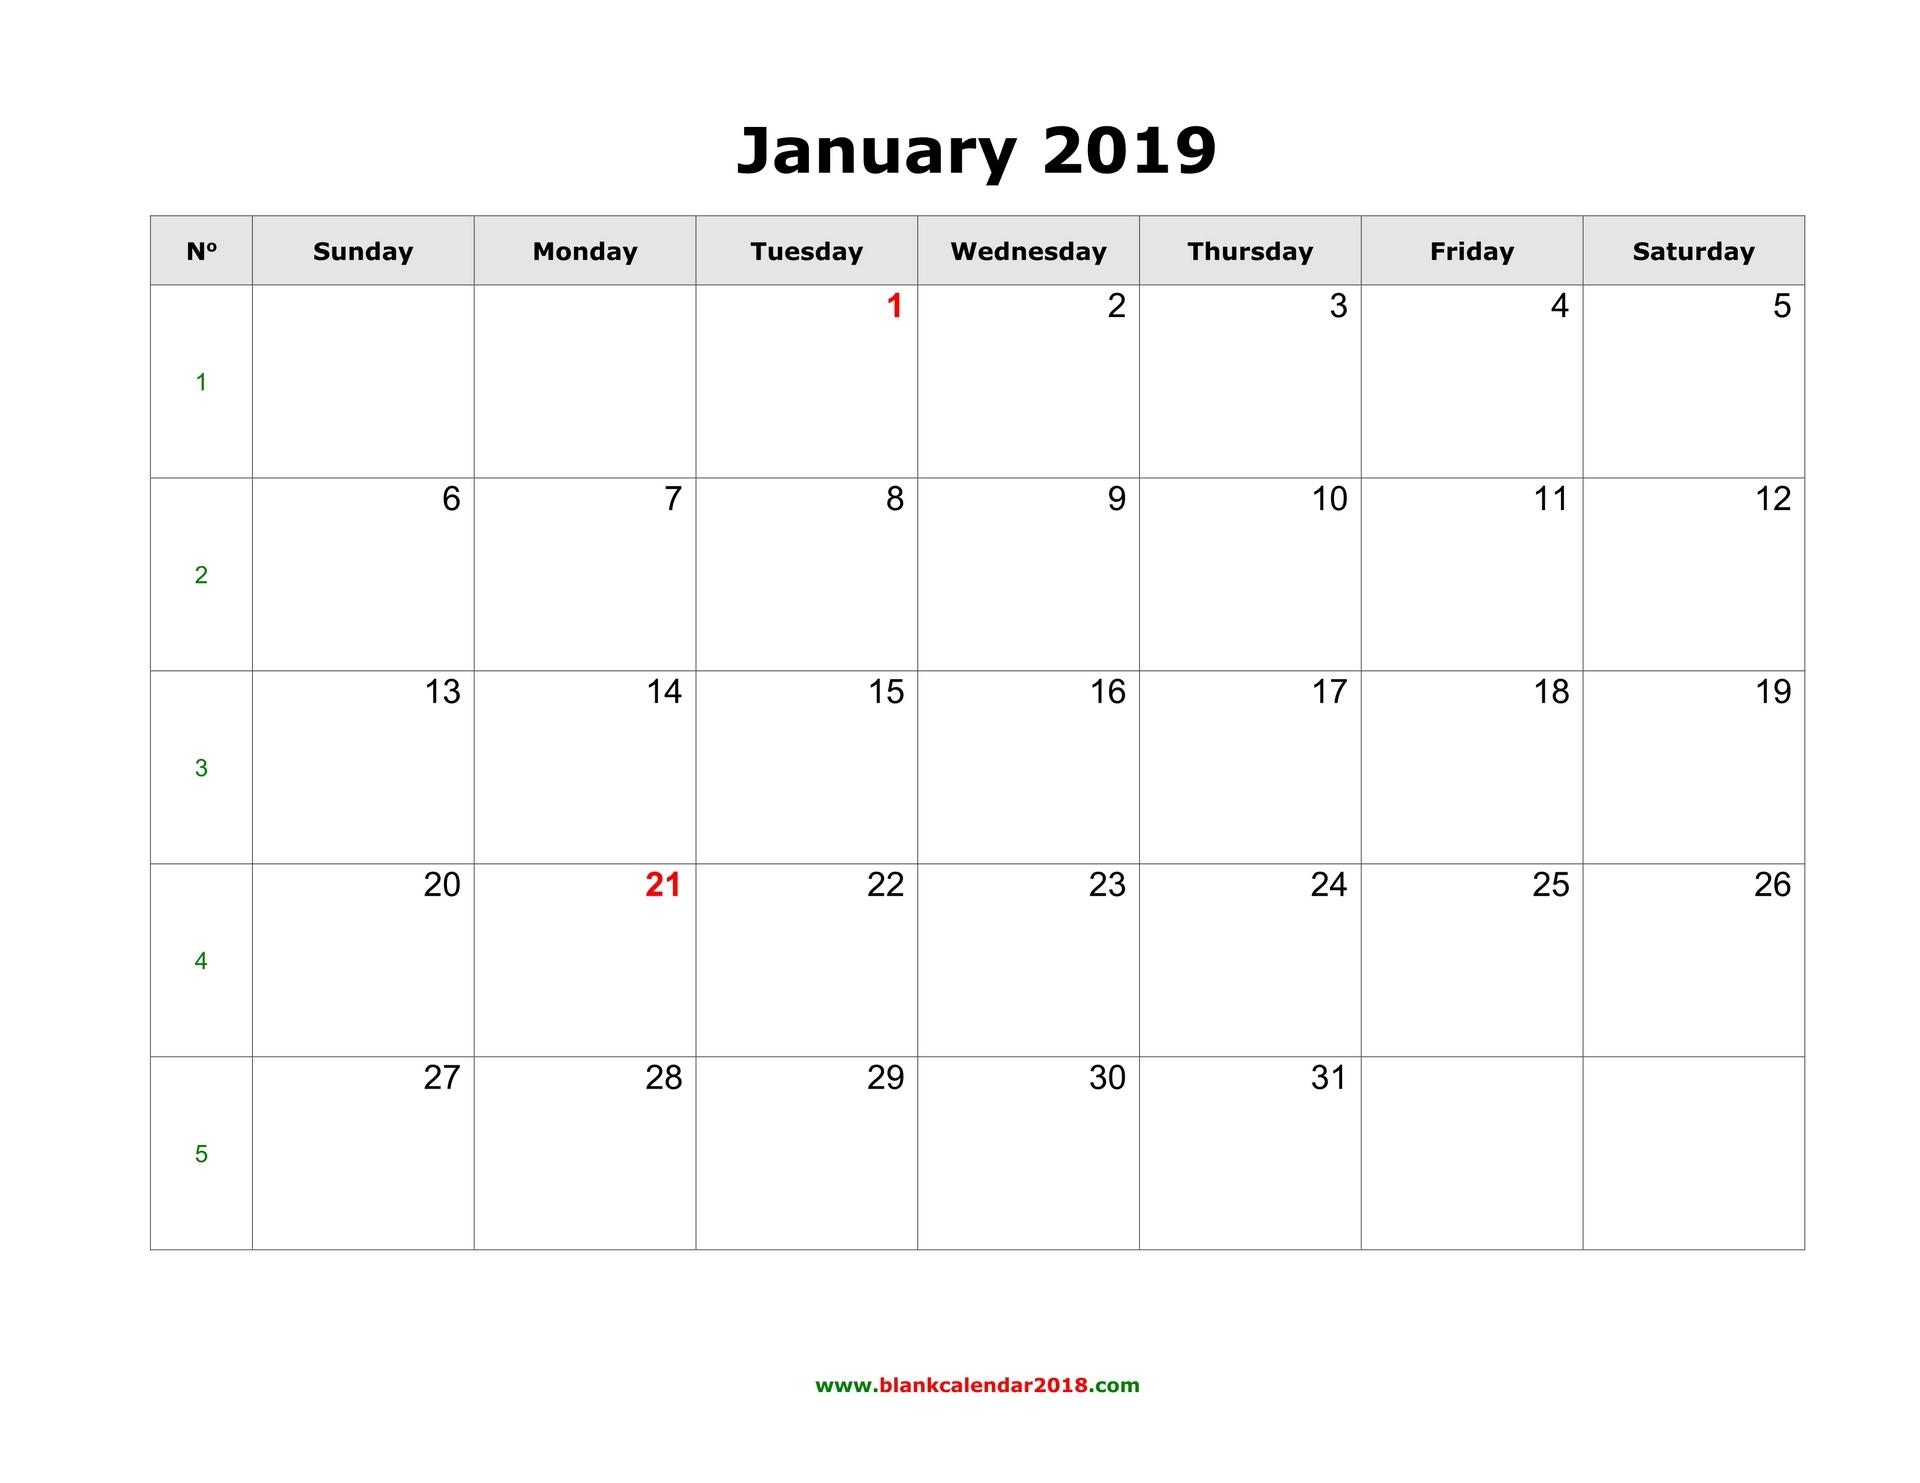 Blank Calendar For January 2019